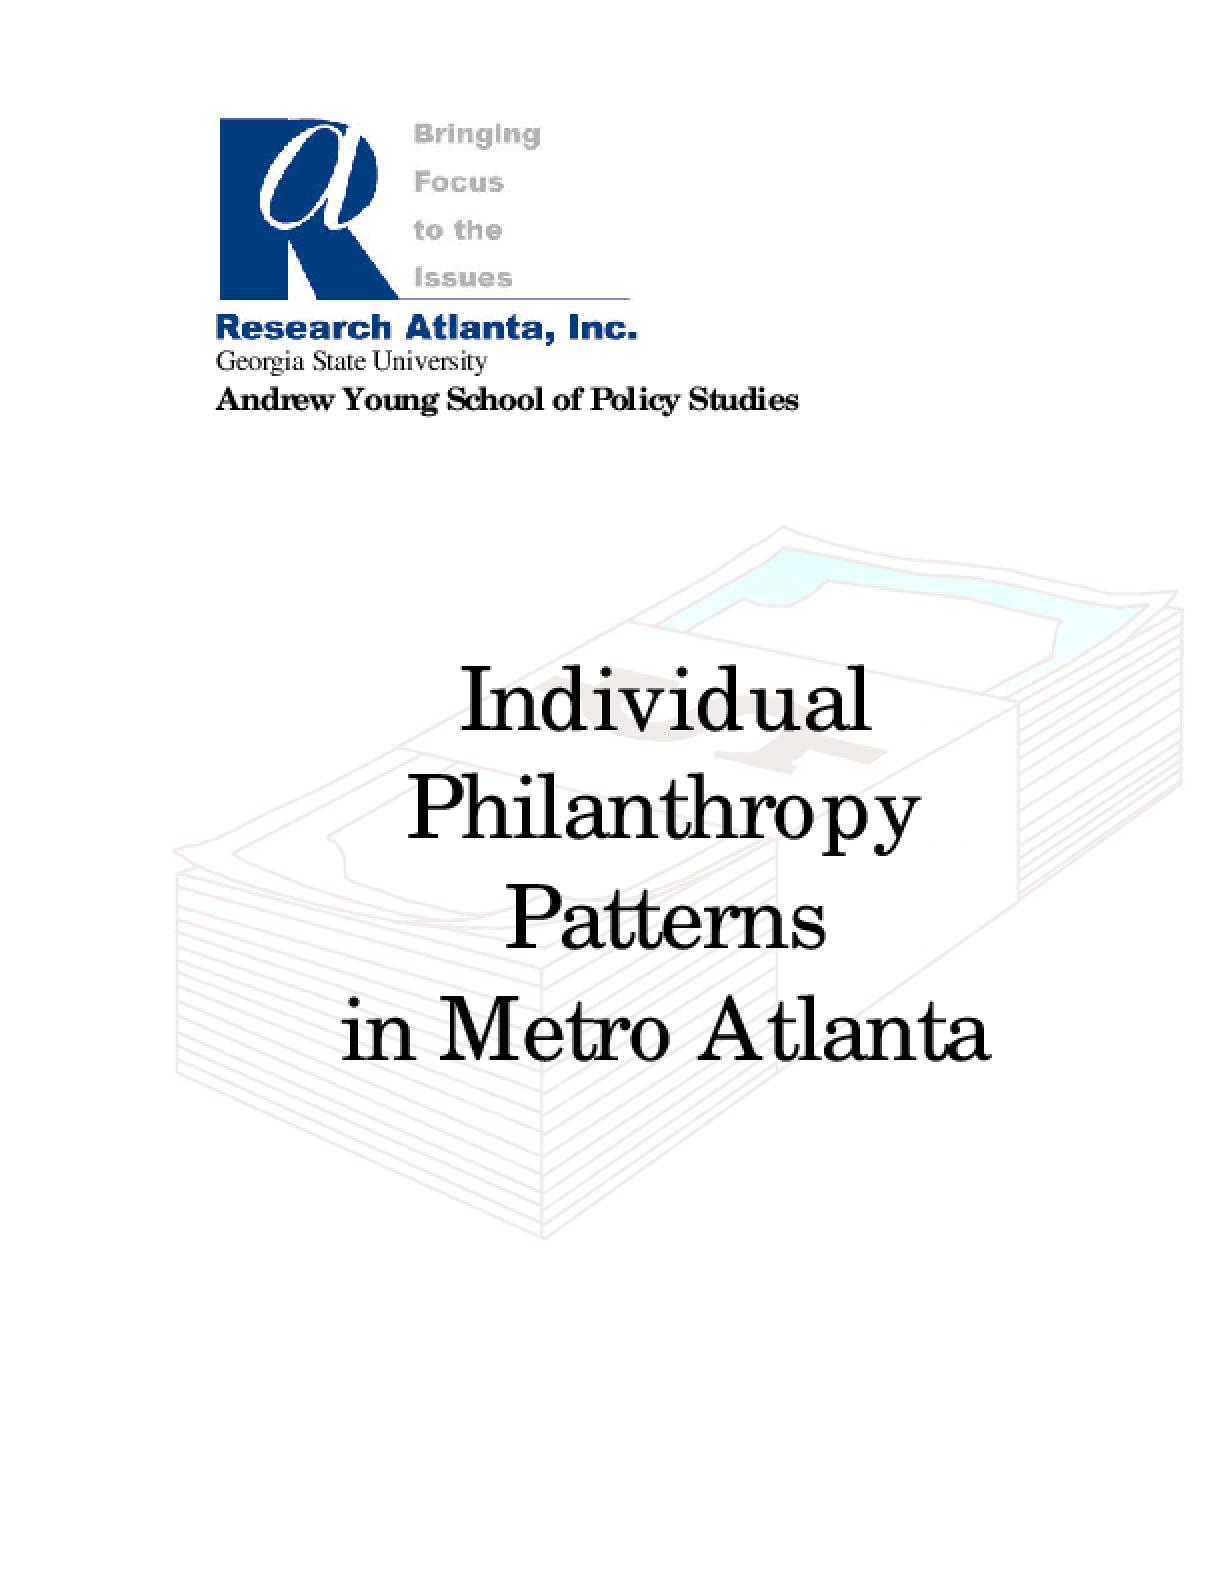 Individual Philanthropy Patterns in Metro Atlanta